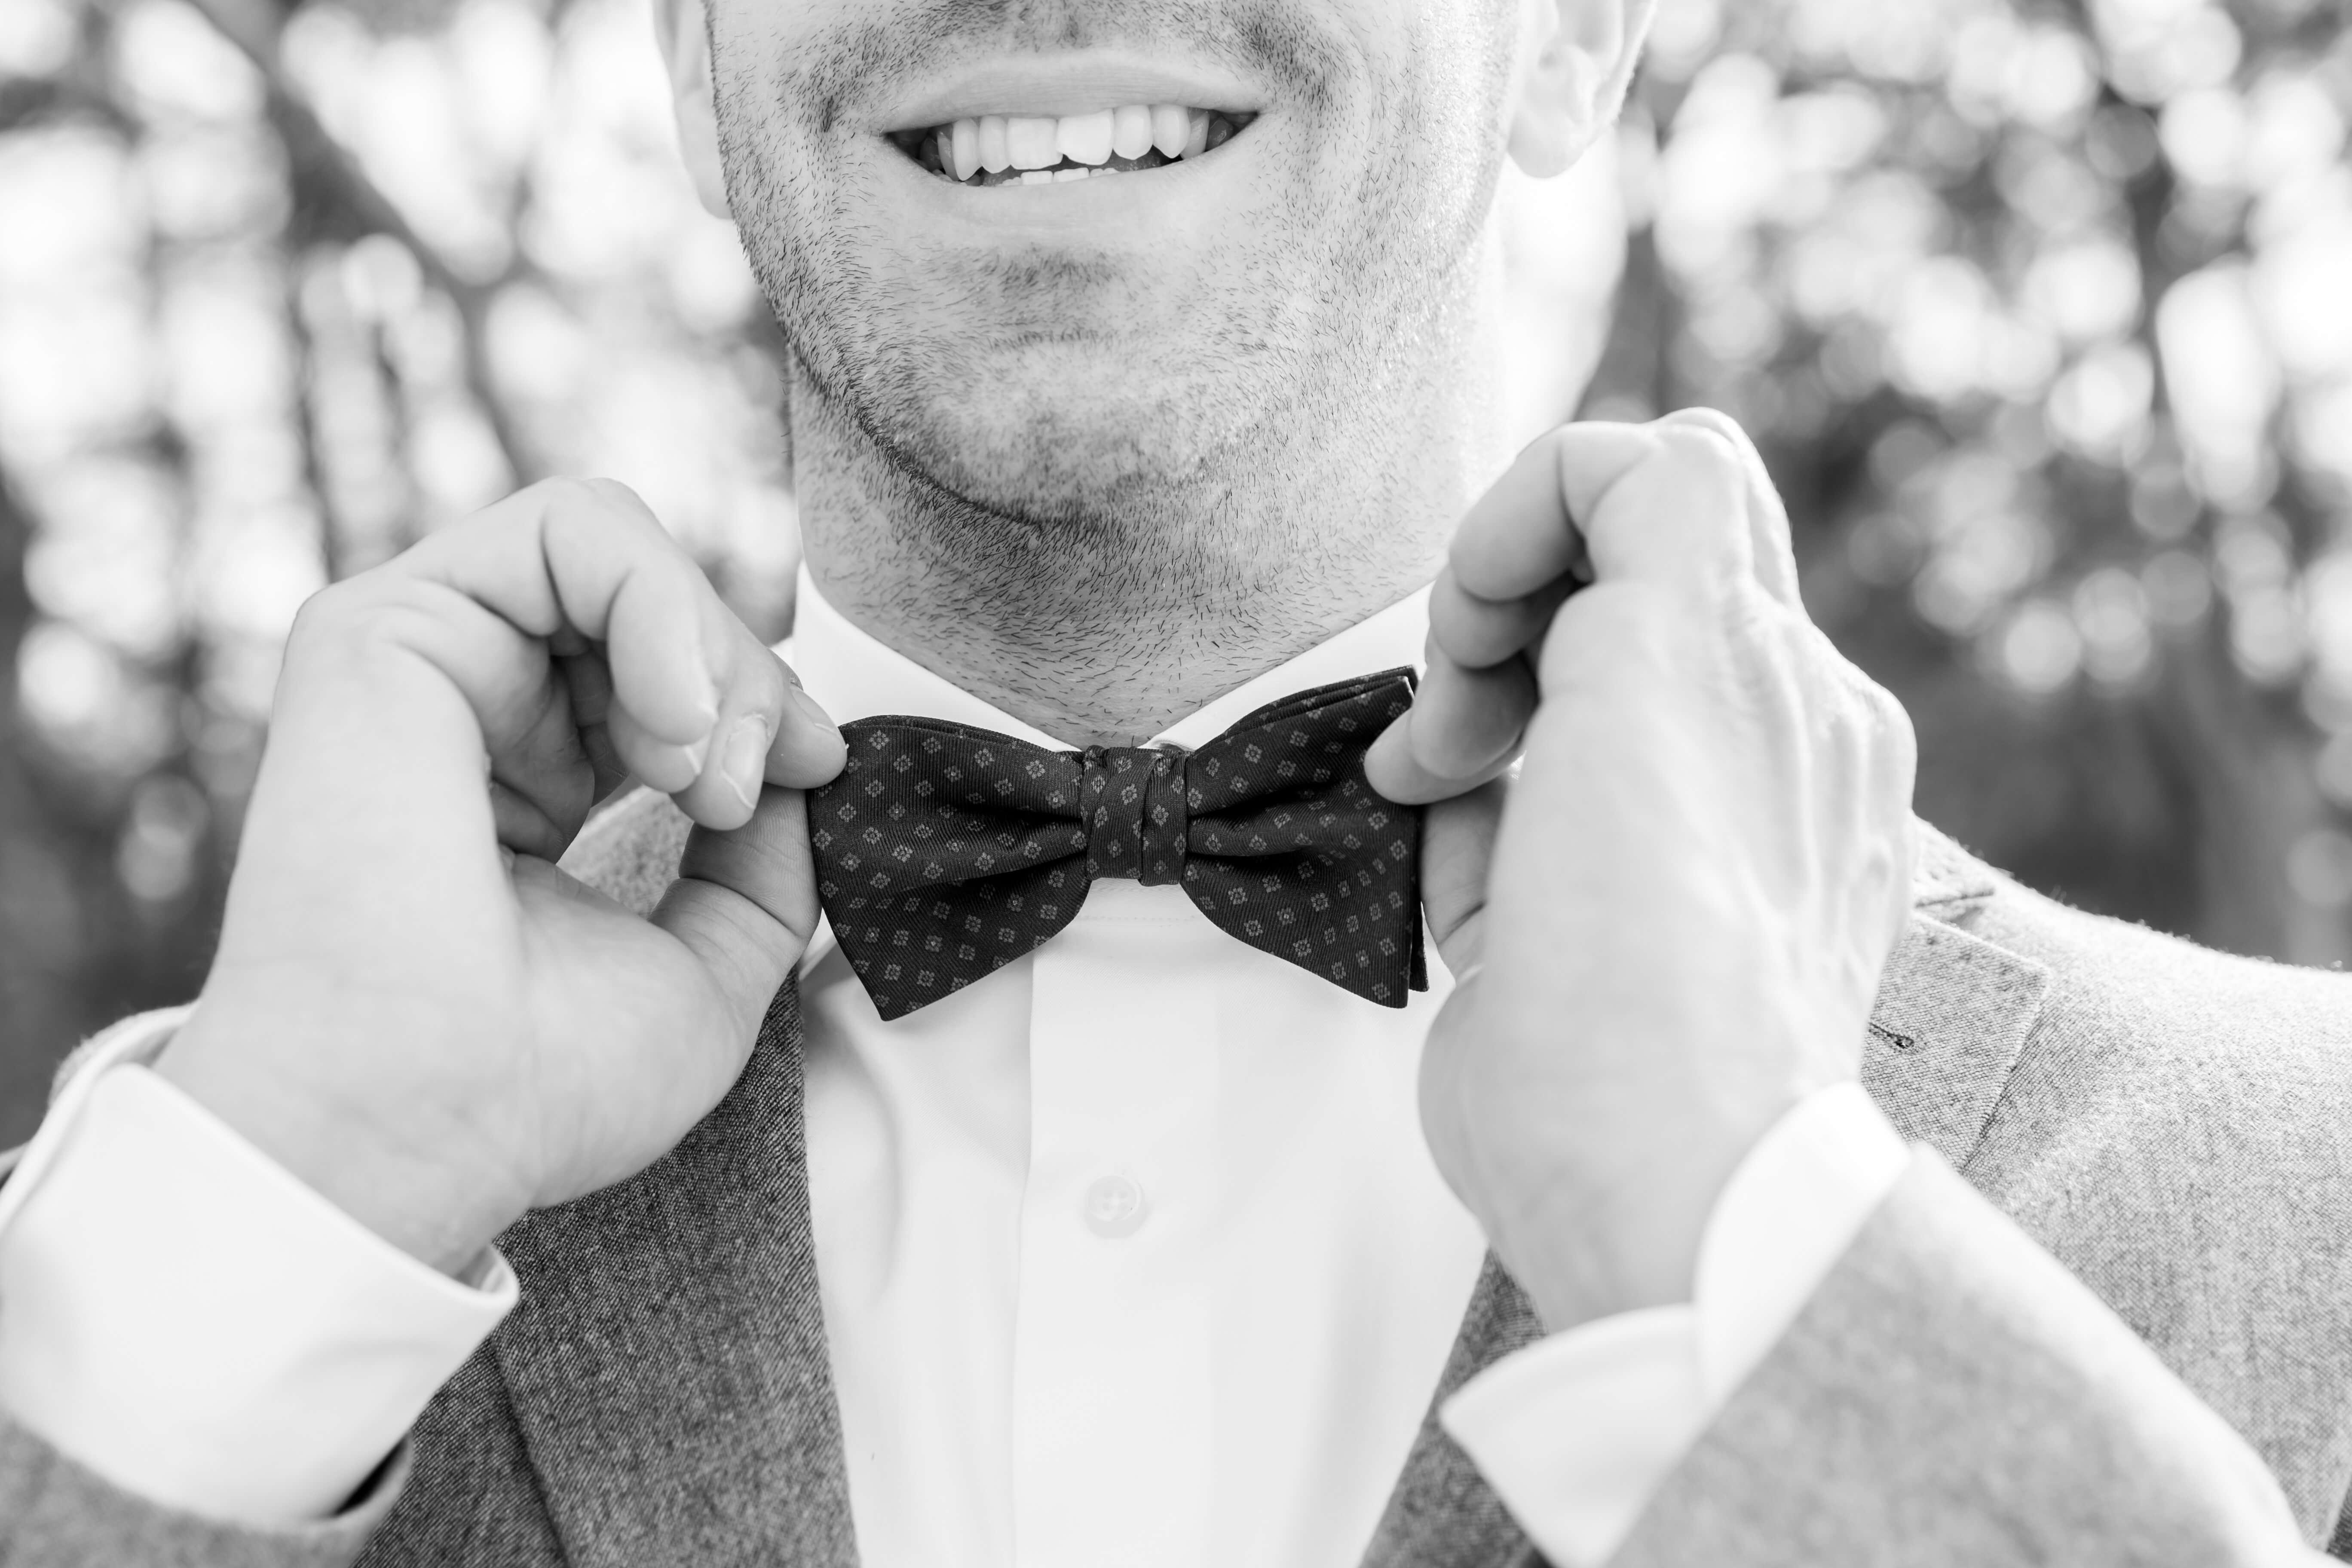 Bruidsfotograaf Groningen, Bruidsfotografie Groningen, Bruidsfotograaf Zuidhorn, Bruidsfotografie Zuidhorn, Lijn 10, Fotograaf Groningen, Fotograaf Zuidhorn, Trouwen in Groningen, Trouwen in Zuidhorn